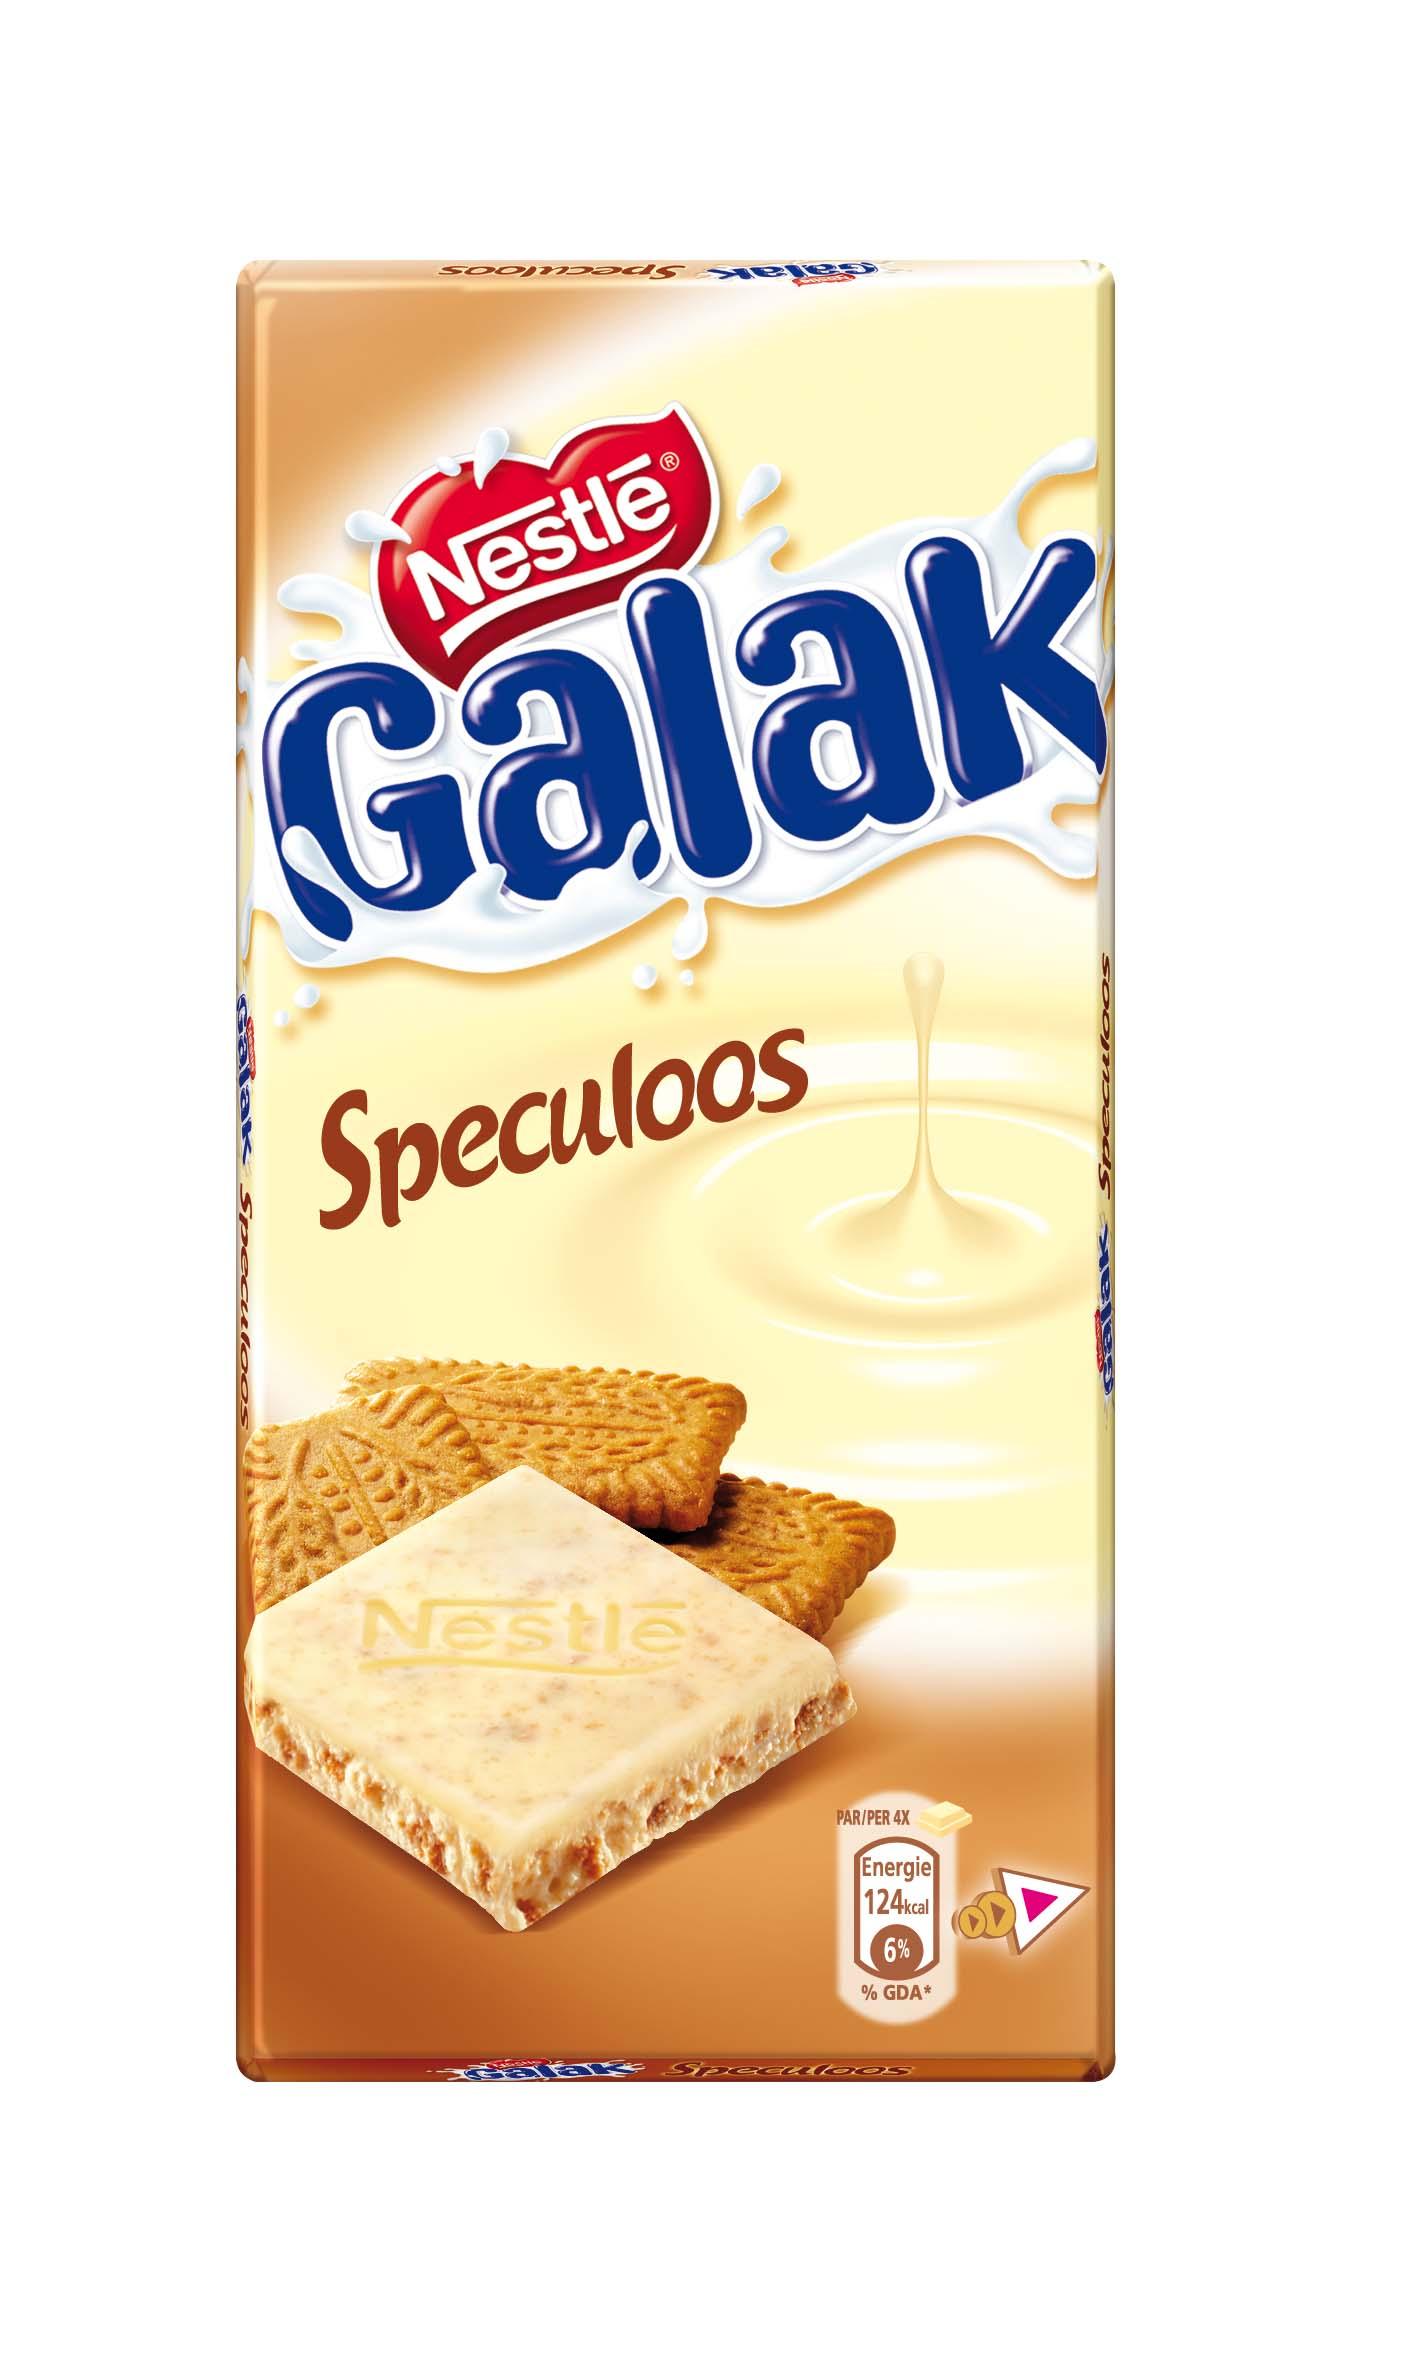 Chocolat blanc au spéculoos Galak, Nestlé (100 g)